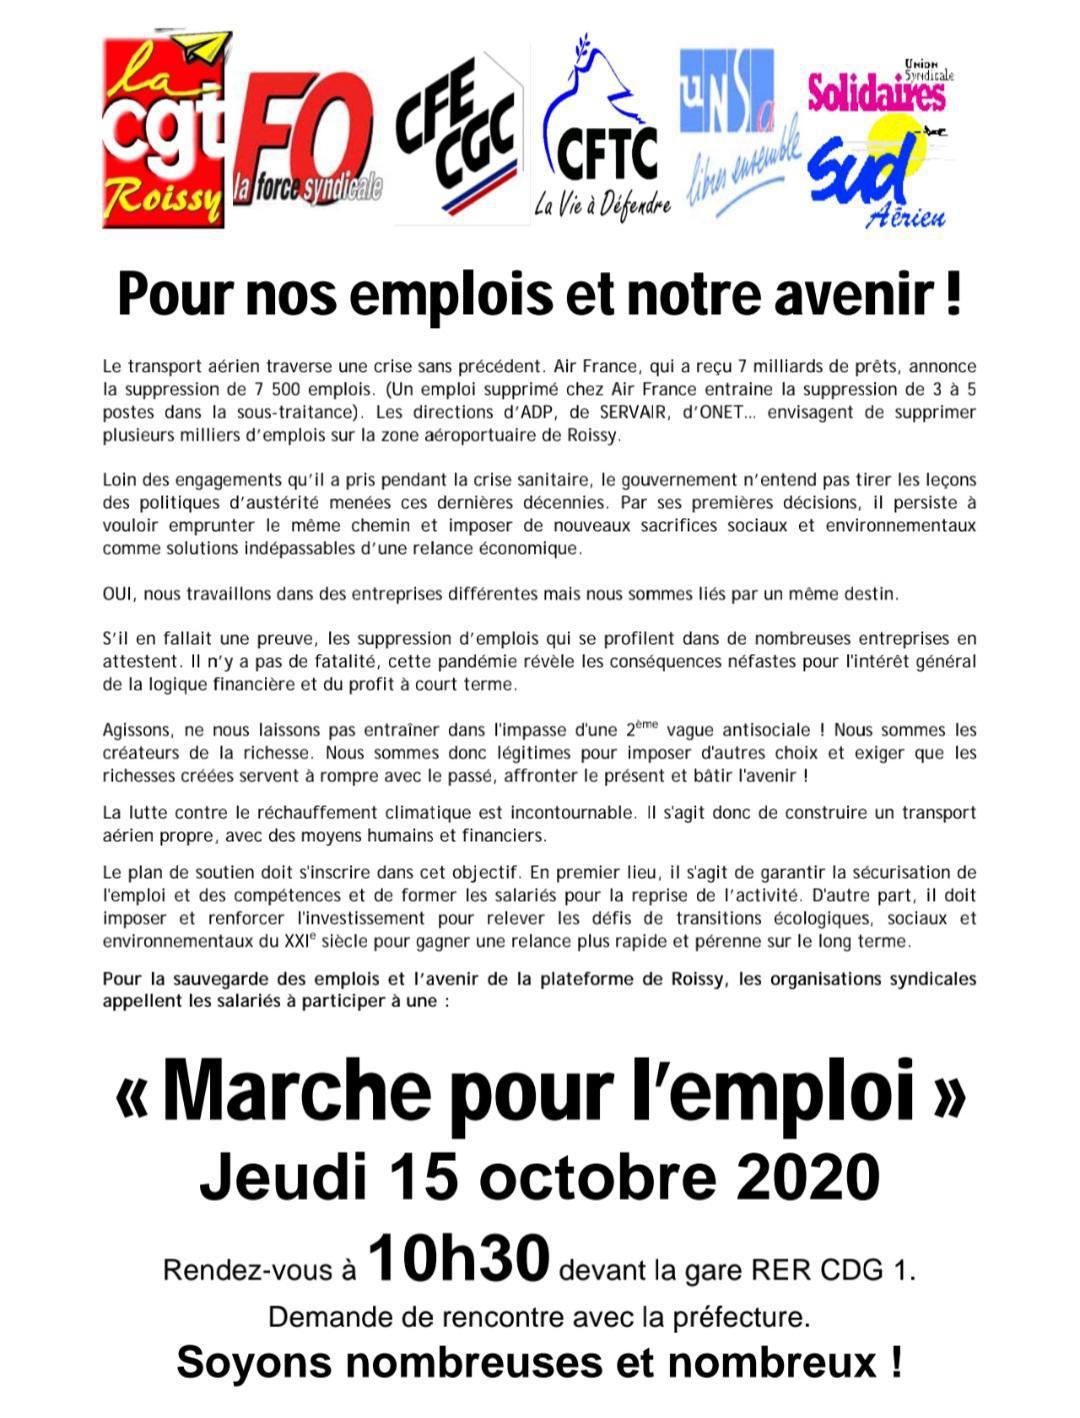 Aérien: Marche pour l'emploi JEUDI 15 OCTOBRE 2020 10H30.